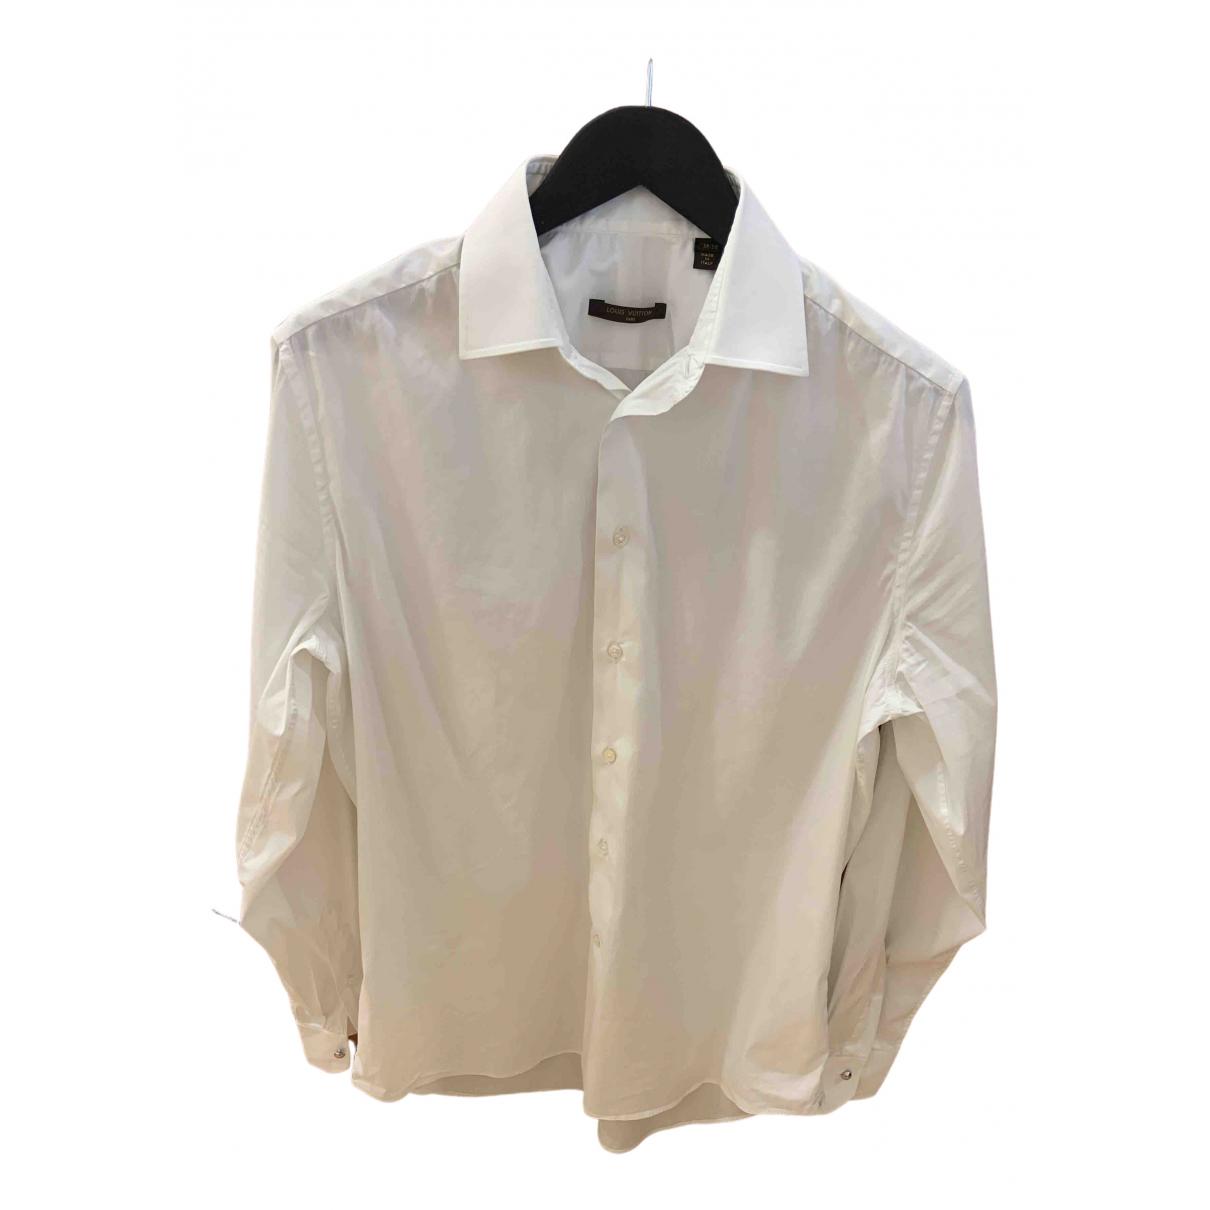 Louis Vuitton N White Cotton Shirts for Men 38 EU (tour de cou / collar)